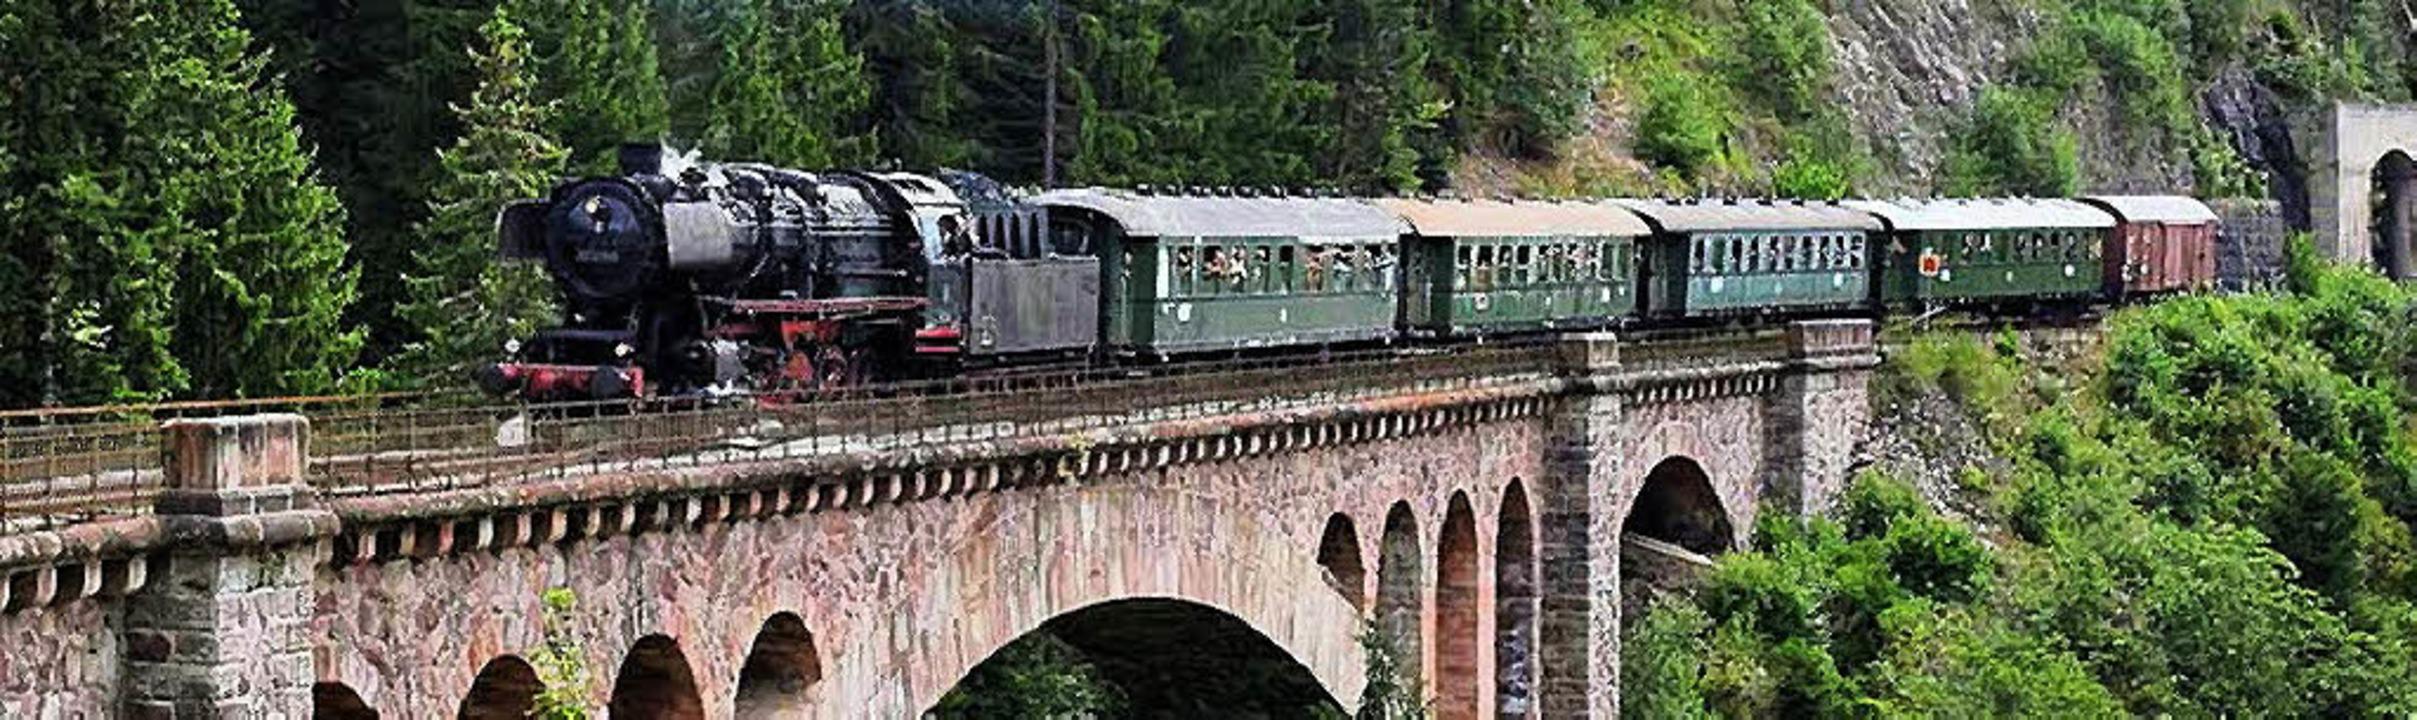 Die IG 3-Seenbahn startet am Wochenend...chbrücke ist ein beliebtes Fotomotiv.   | Foto: Jörg Sauter